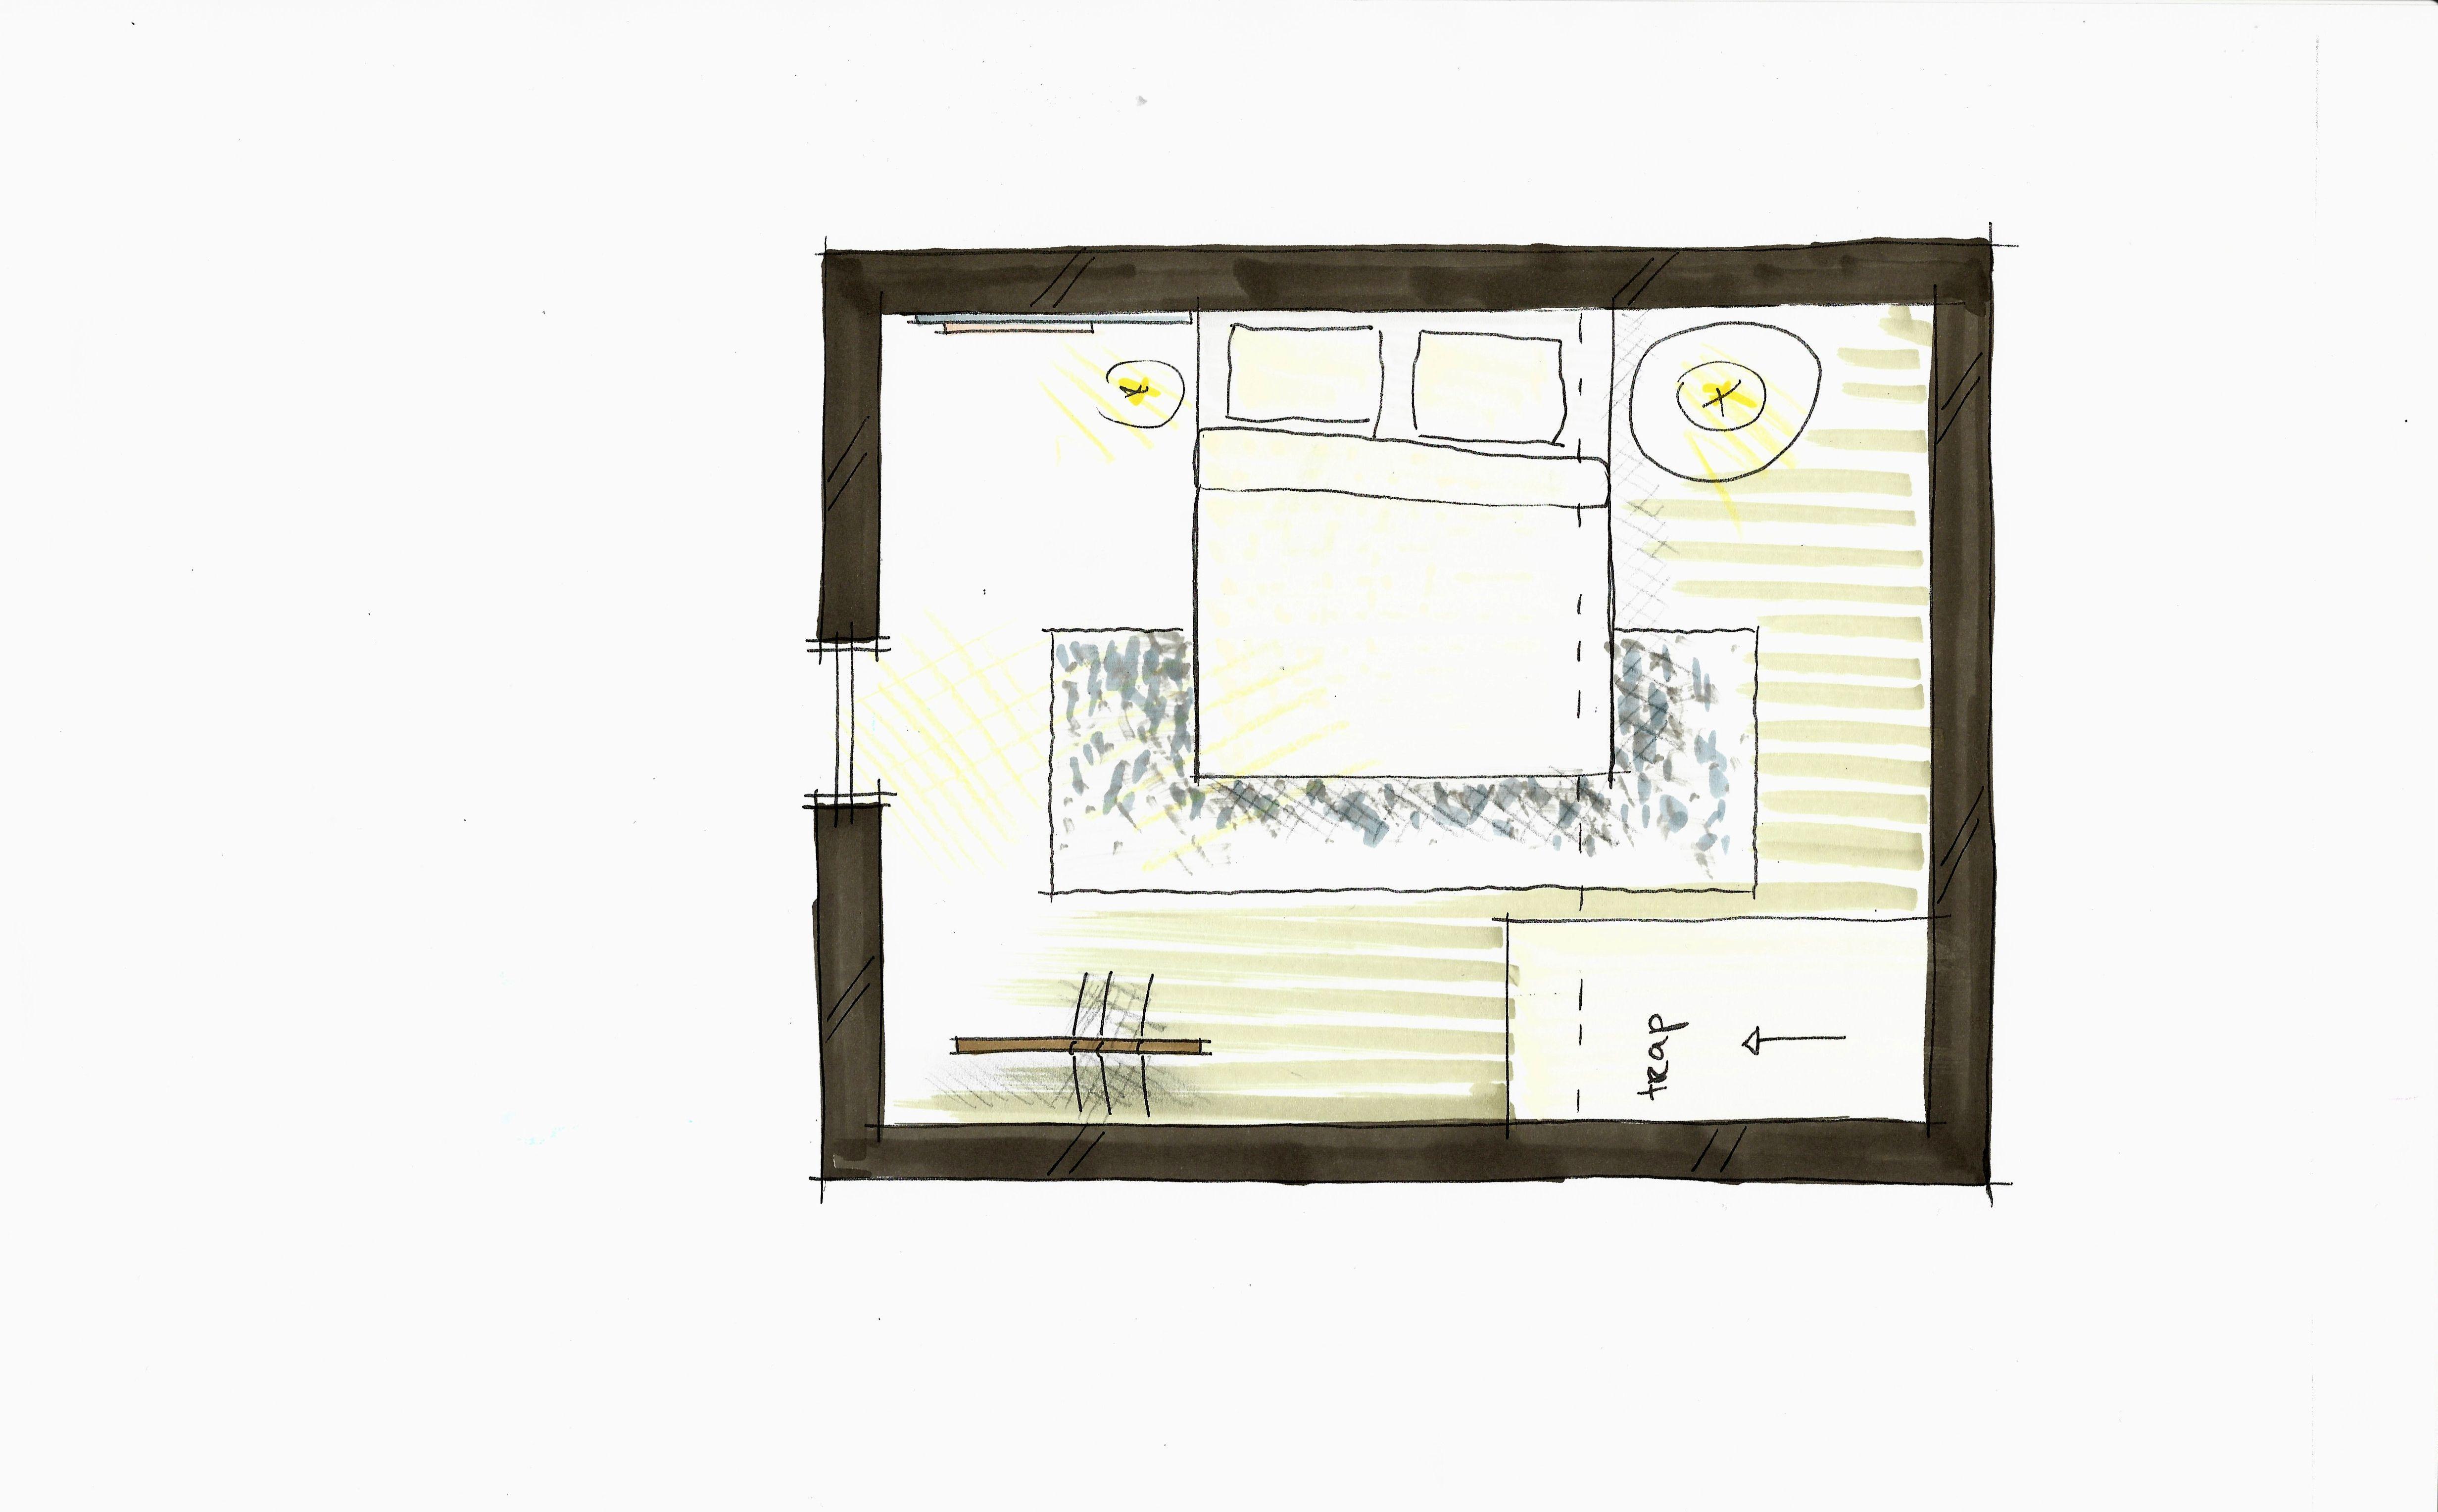 Plattegrond ontwerp romantischa slaapkamer– klein wonen in Amsterdam ...